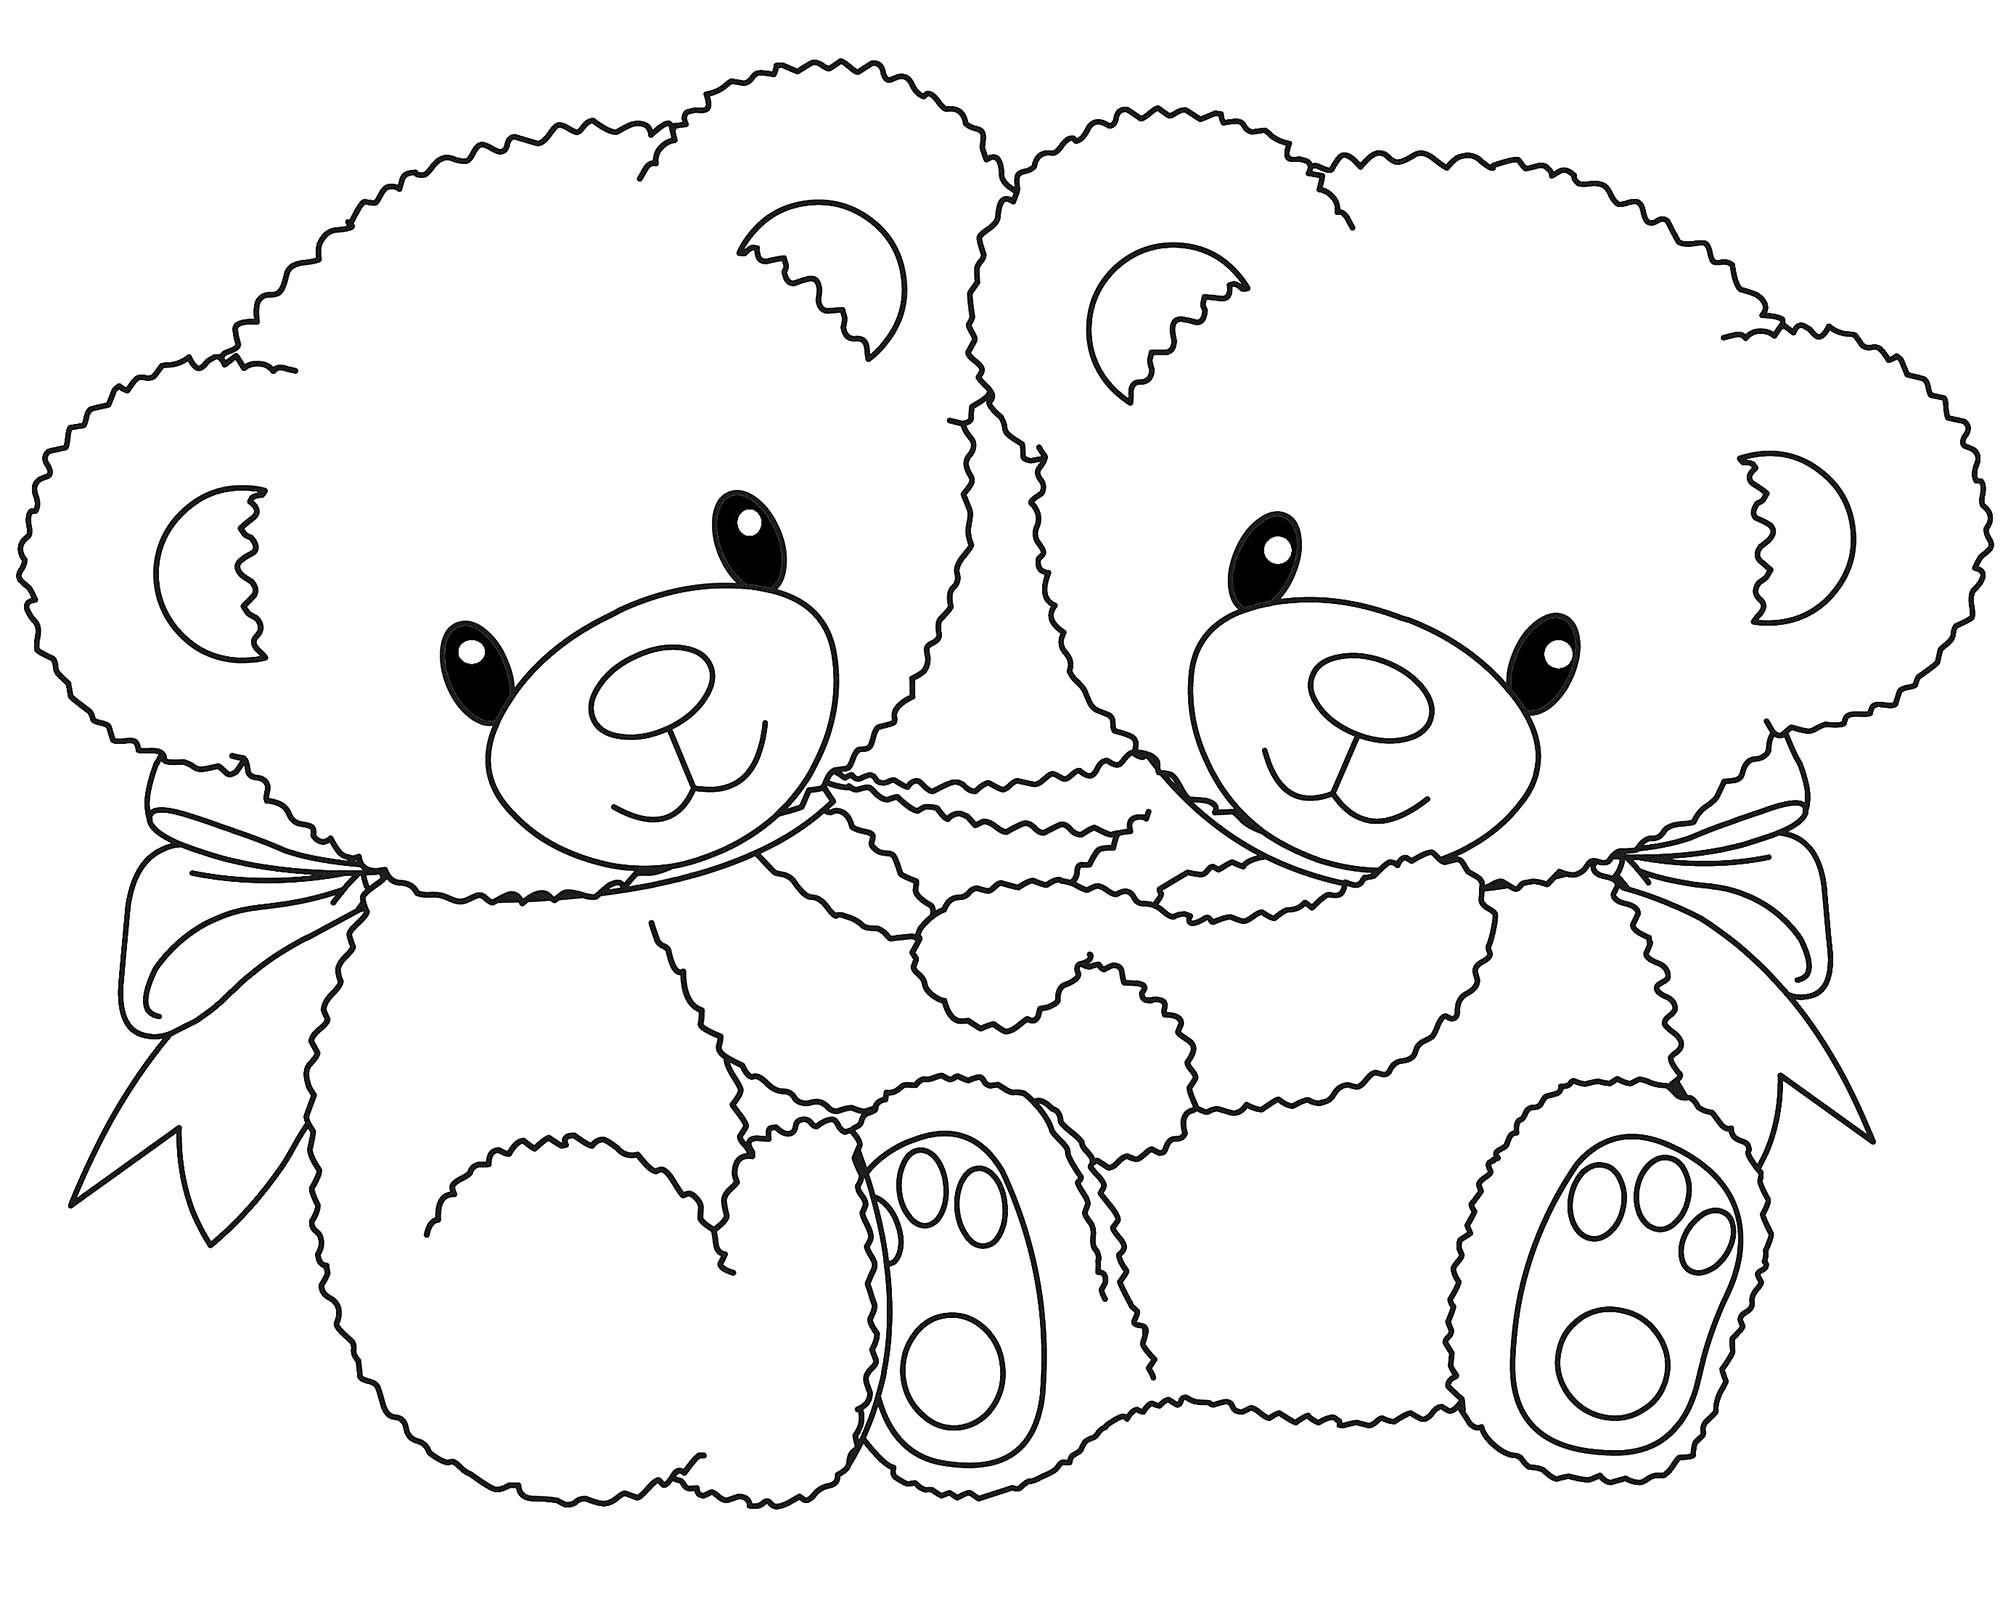 Teddy Bear Dad Drawing - PeepsBurgh